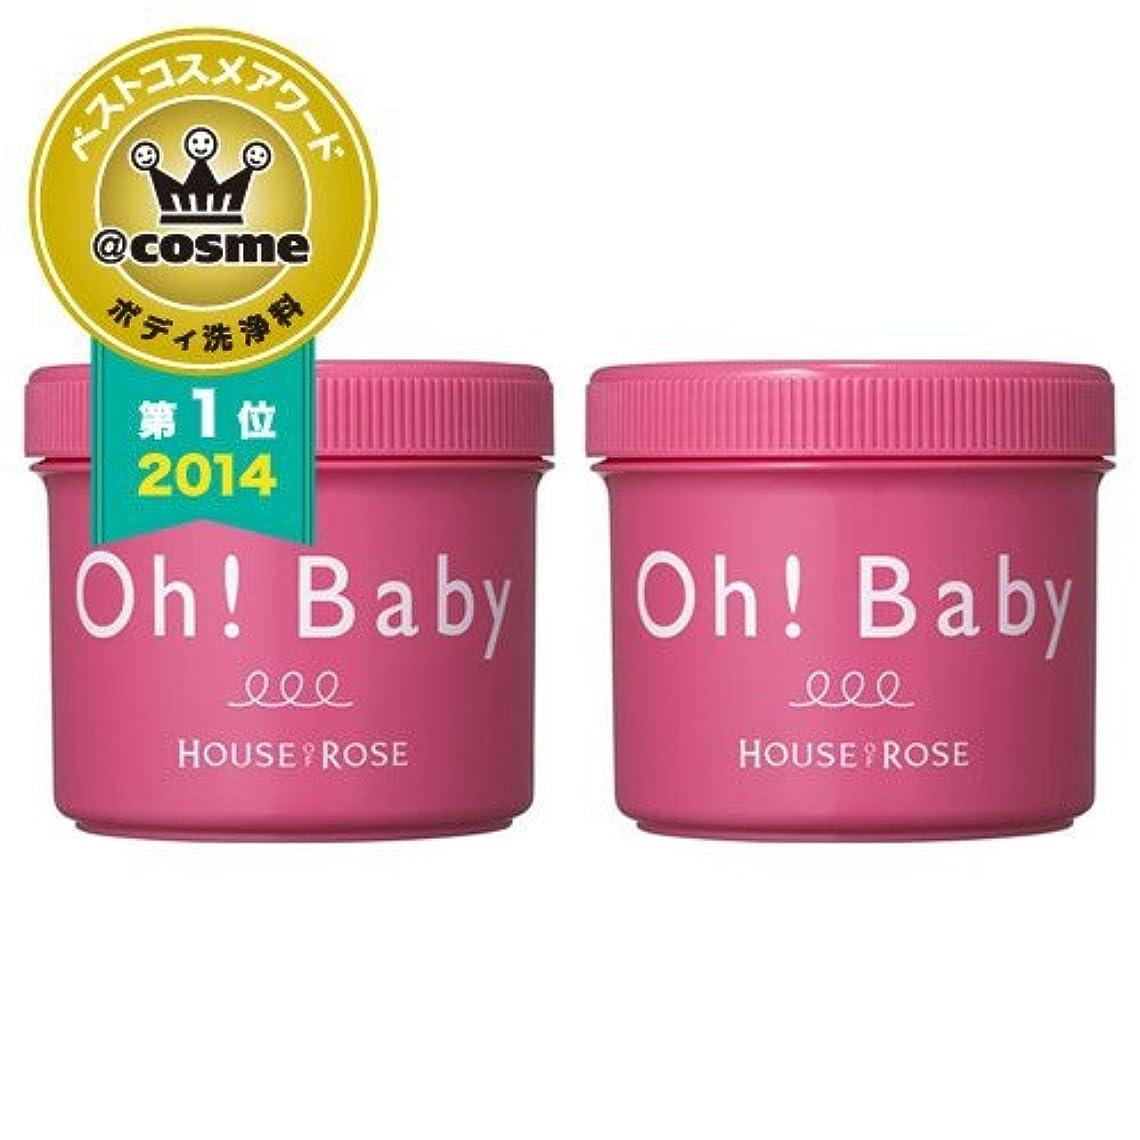 添加剤伝統的ゲストハウスオブローゼ Oh! Baby ボディ スムーザー N 2個セット